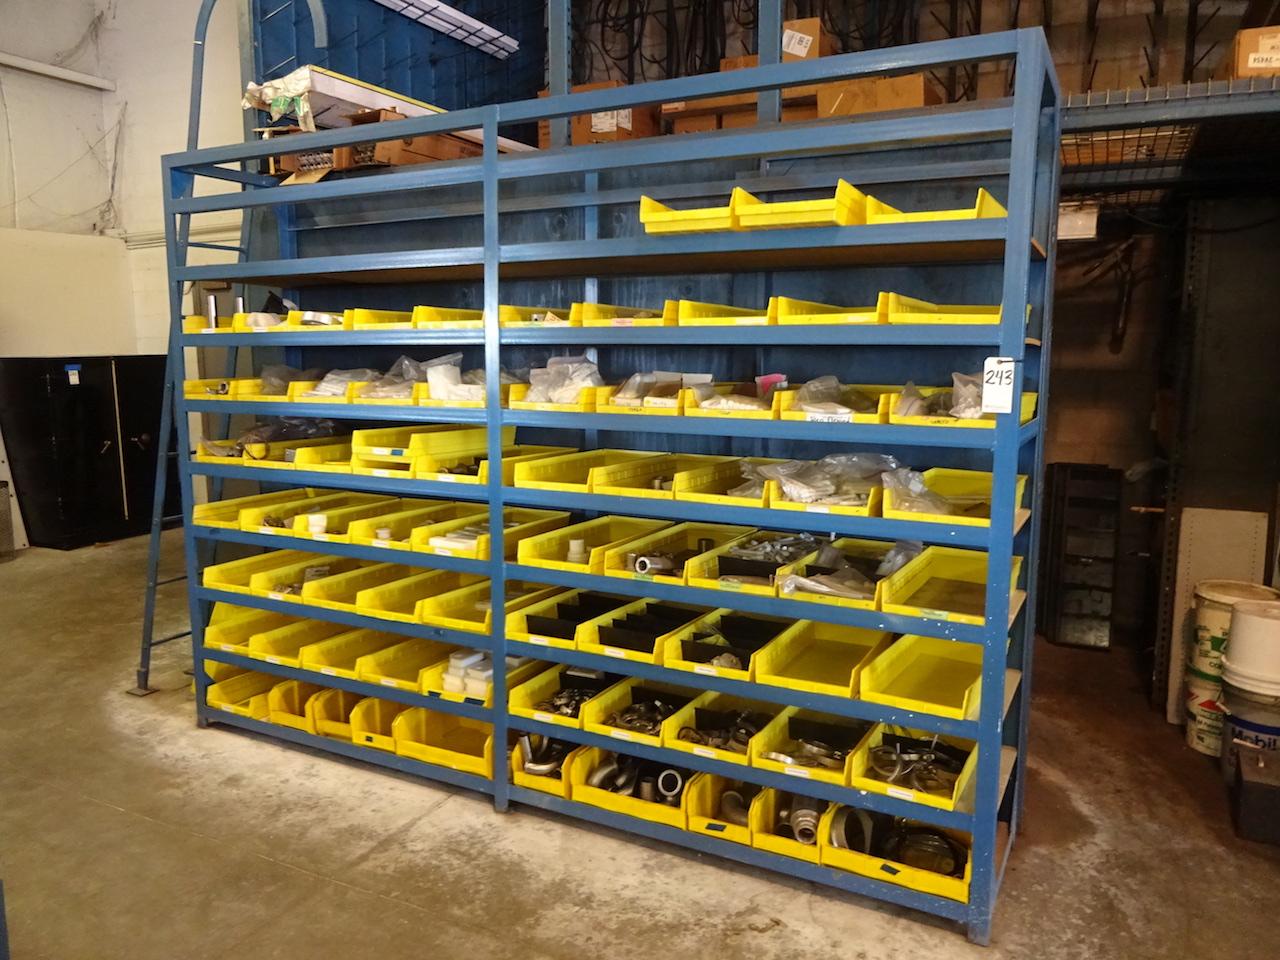 Lot 243 - 8-TIER STEEL PARTS STORAGE RACK; W/Yellow Plastic Bins (Excludes Bin Contents)